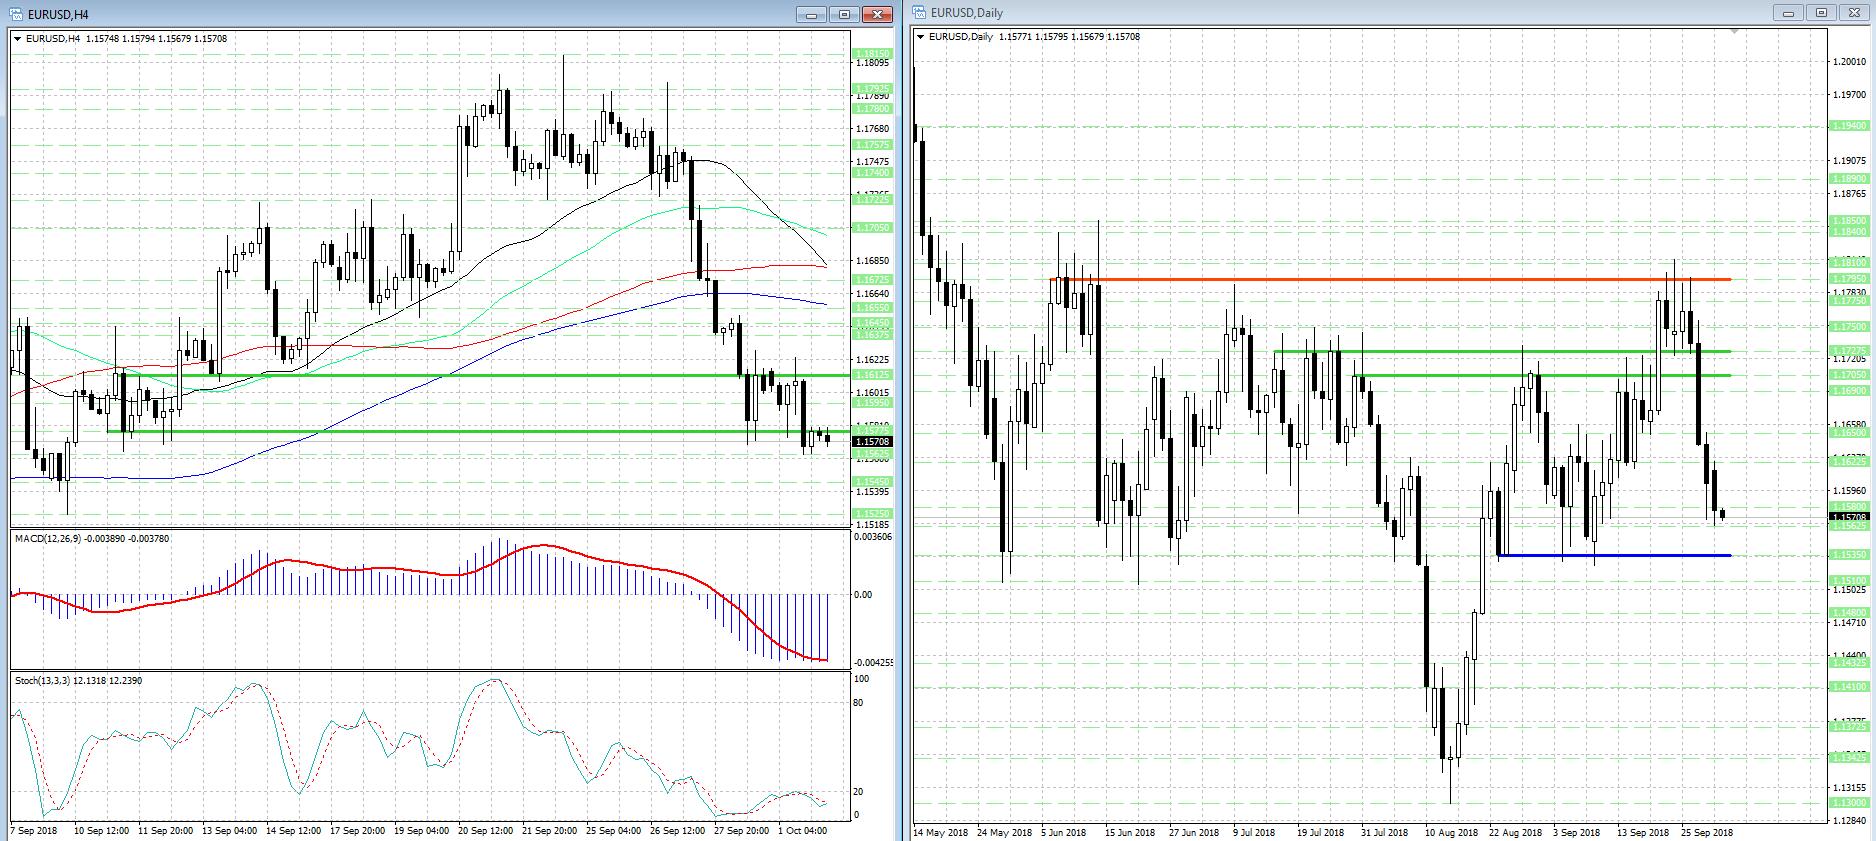 Снижение EUR/USD замедлилось, но и о реванше быков говорить рано...